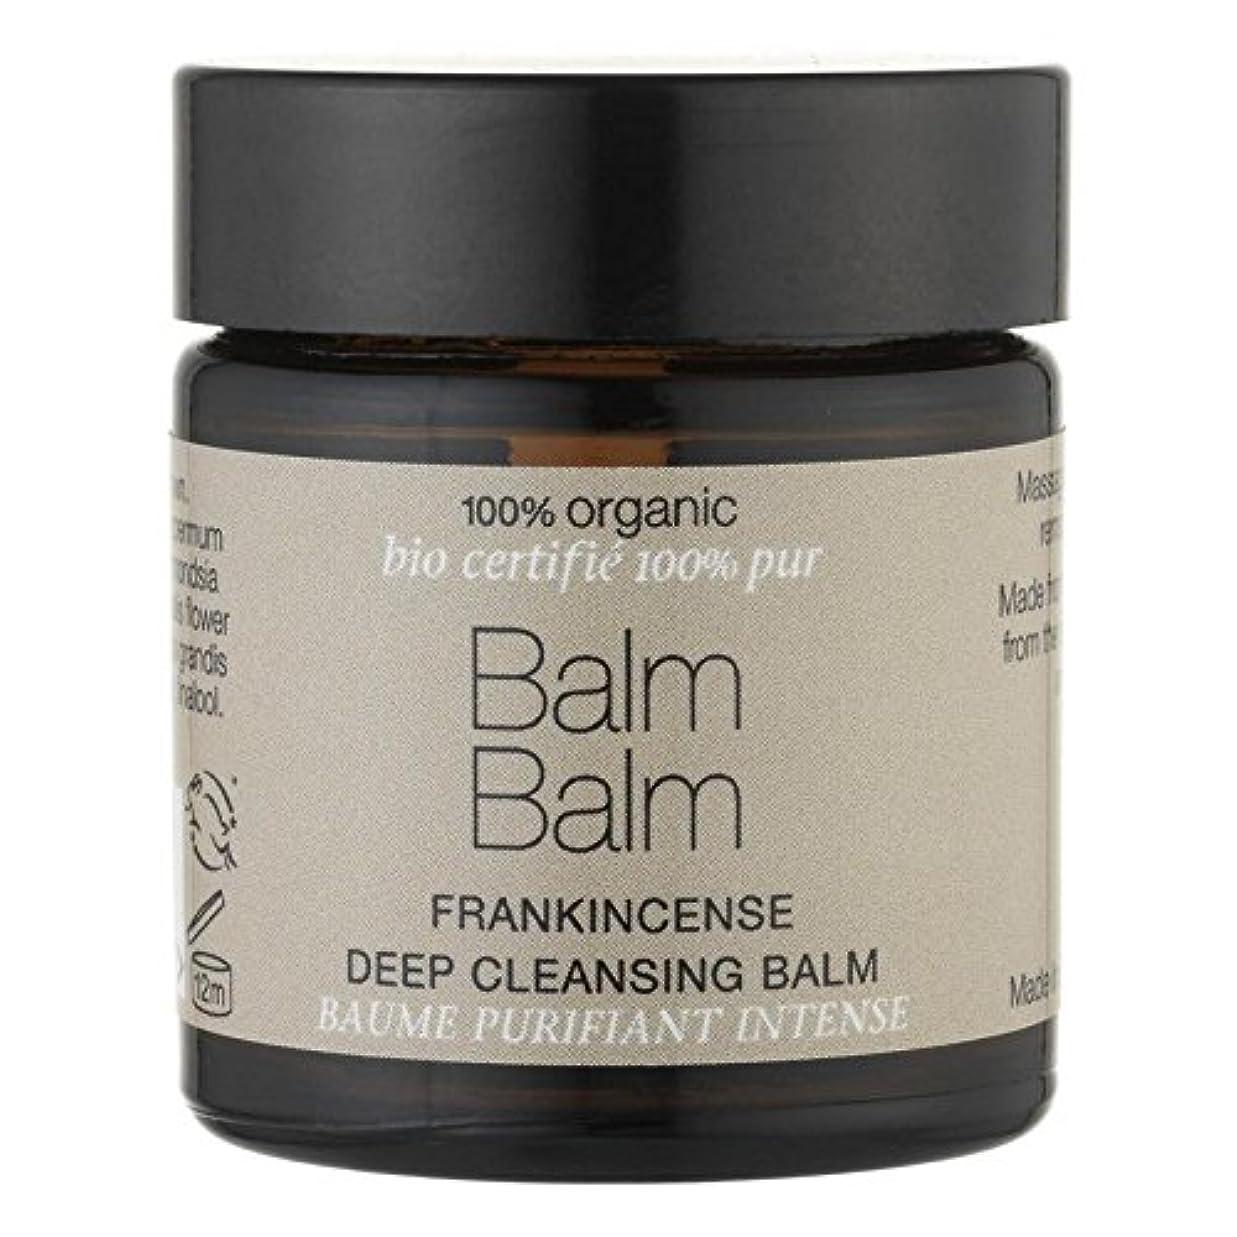 免除偽善者アッパーBalm Balm Frankincense Organic Deep Cleansing Balm 30ml - バームバーム乳香有機ディープクレンジングクリーム30ミリリットル [並行輸入品]